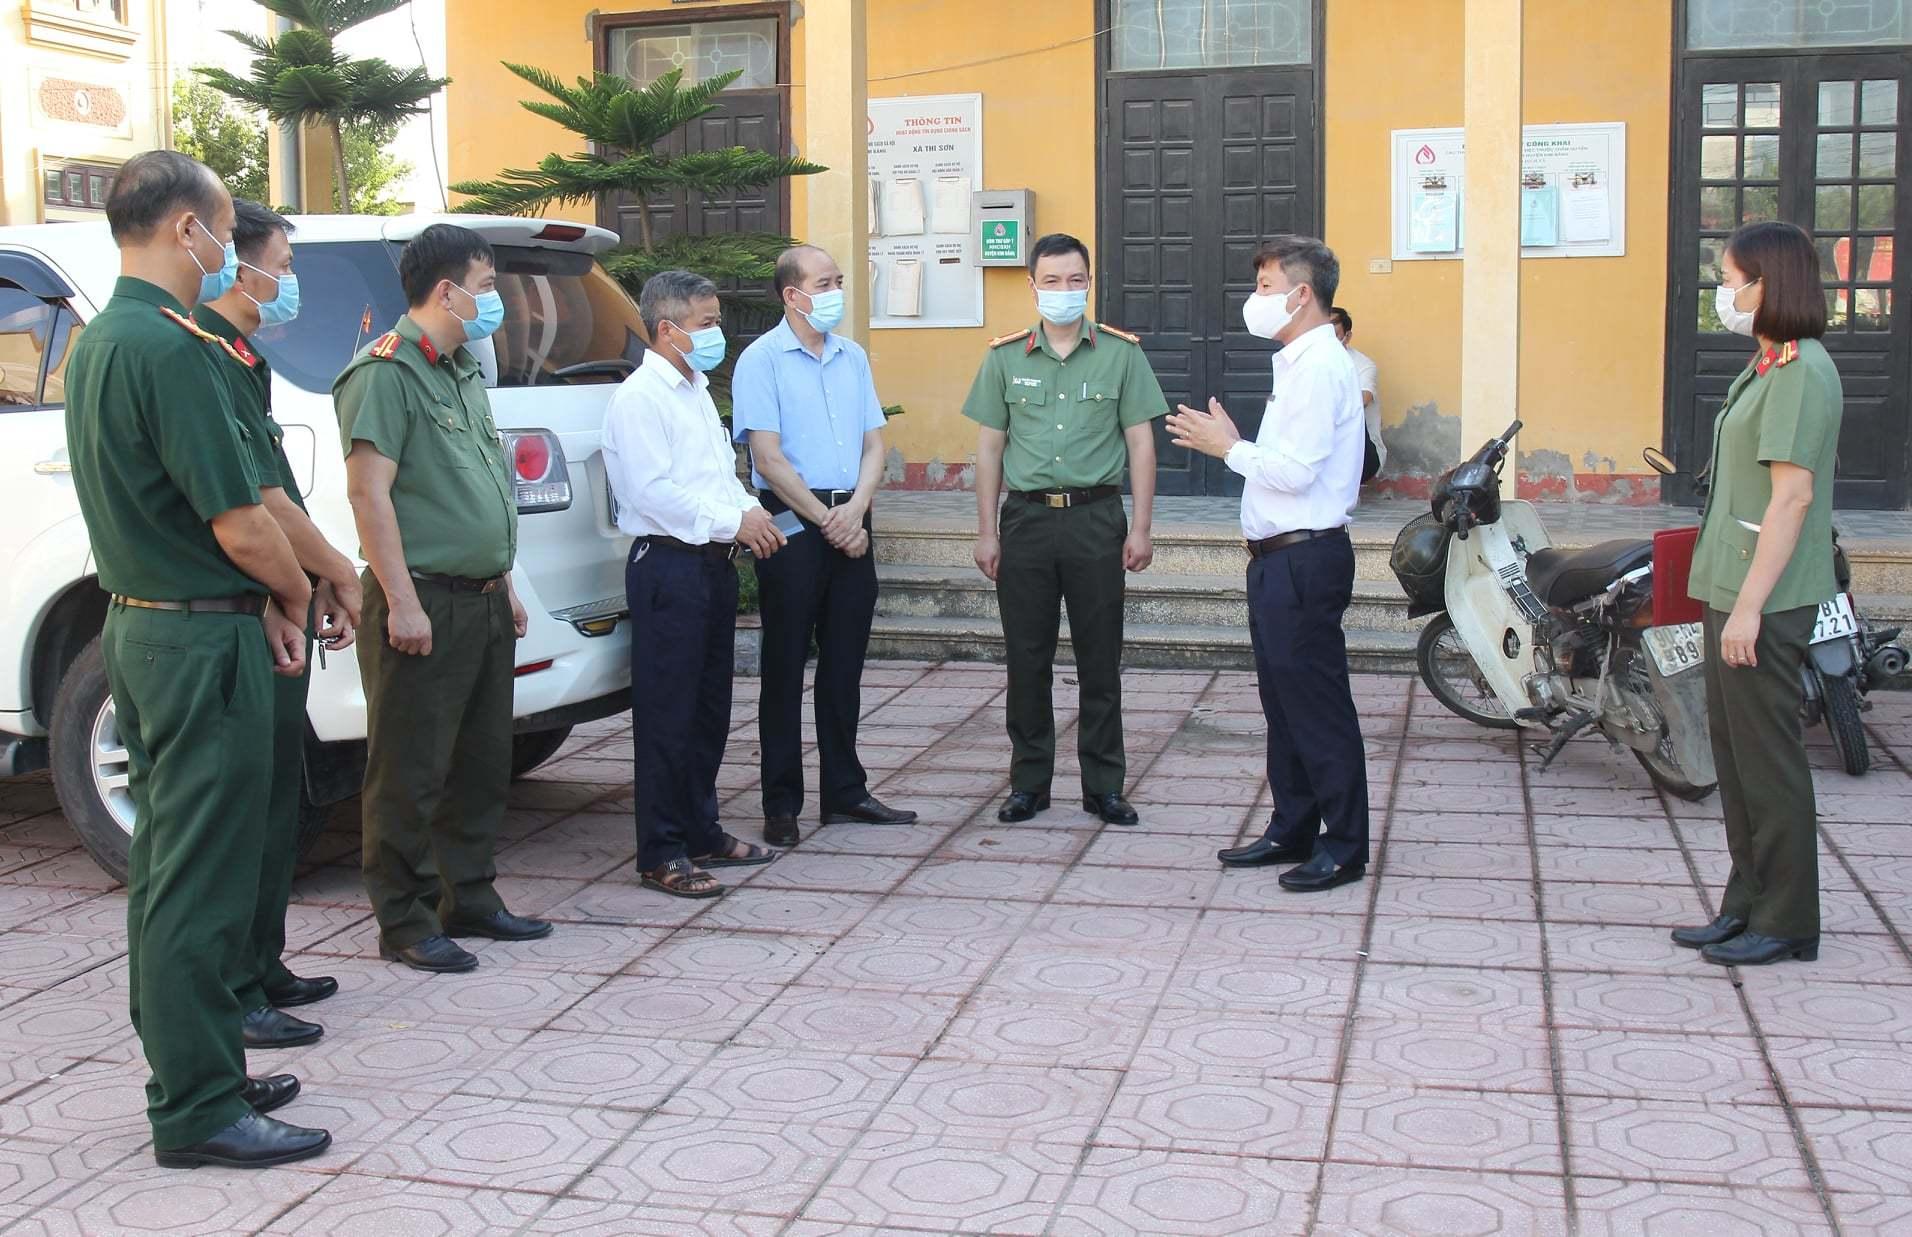 Hà Nam: Công an tỉnh kiểm tra phòng dịch ngay sau khi có ca nhiễm Covid-19 mới